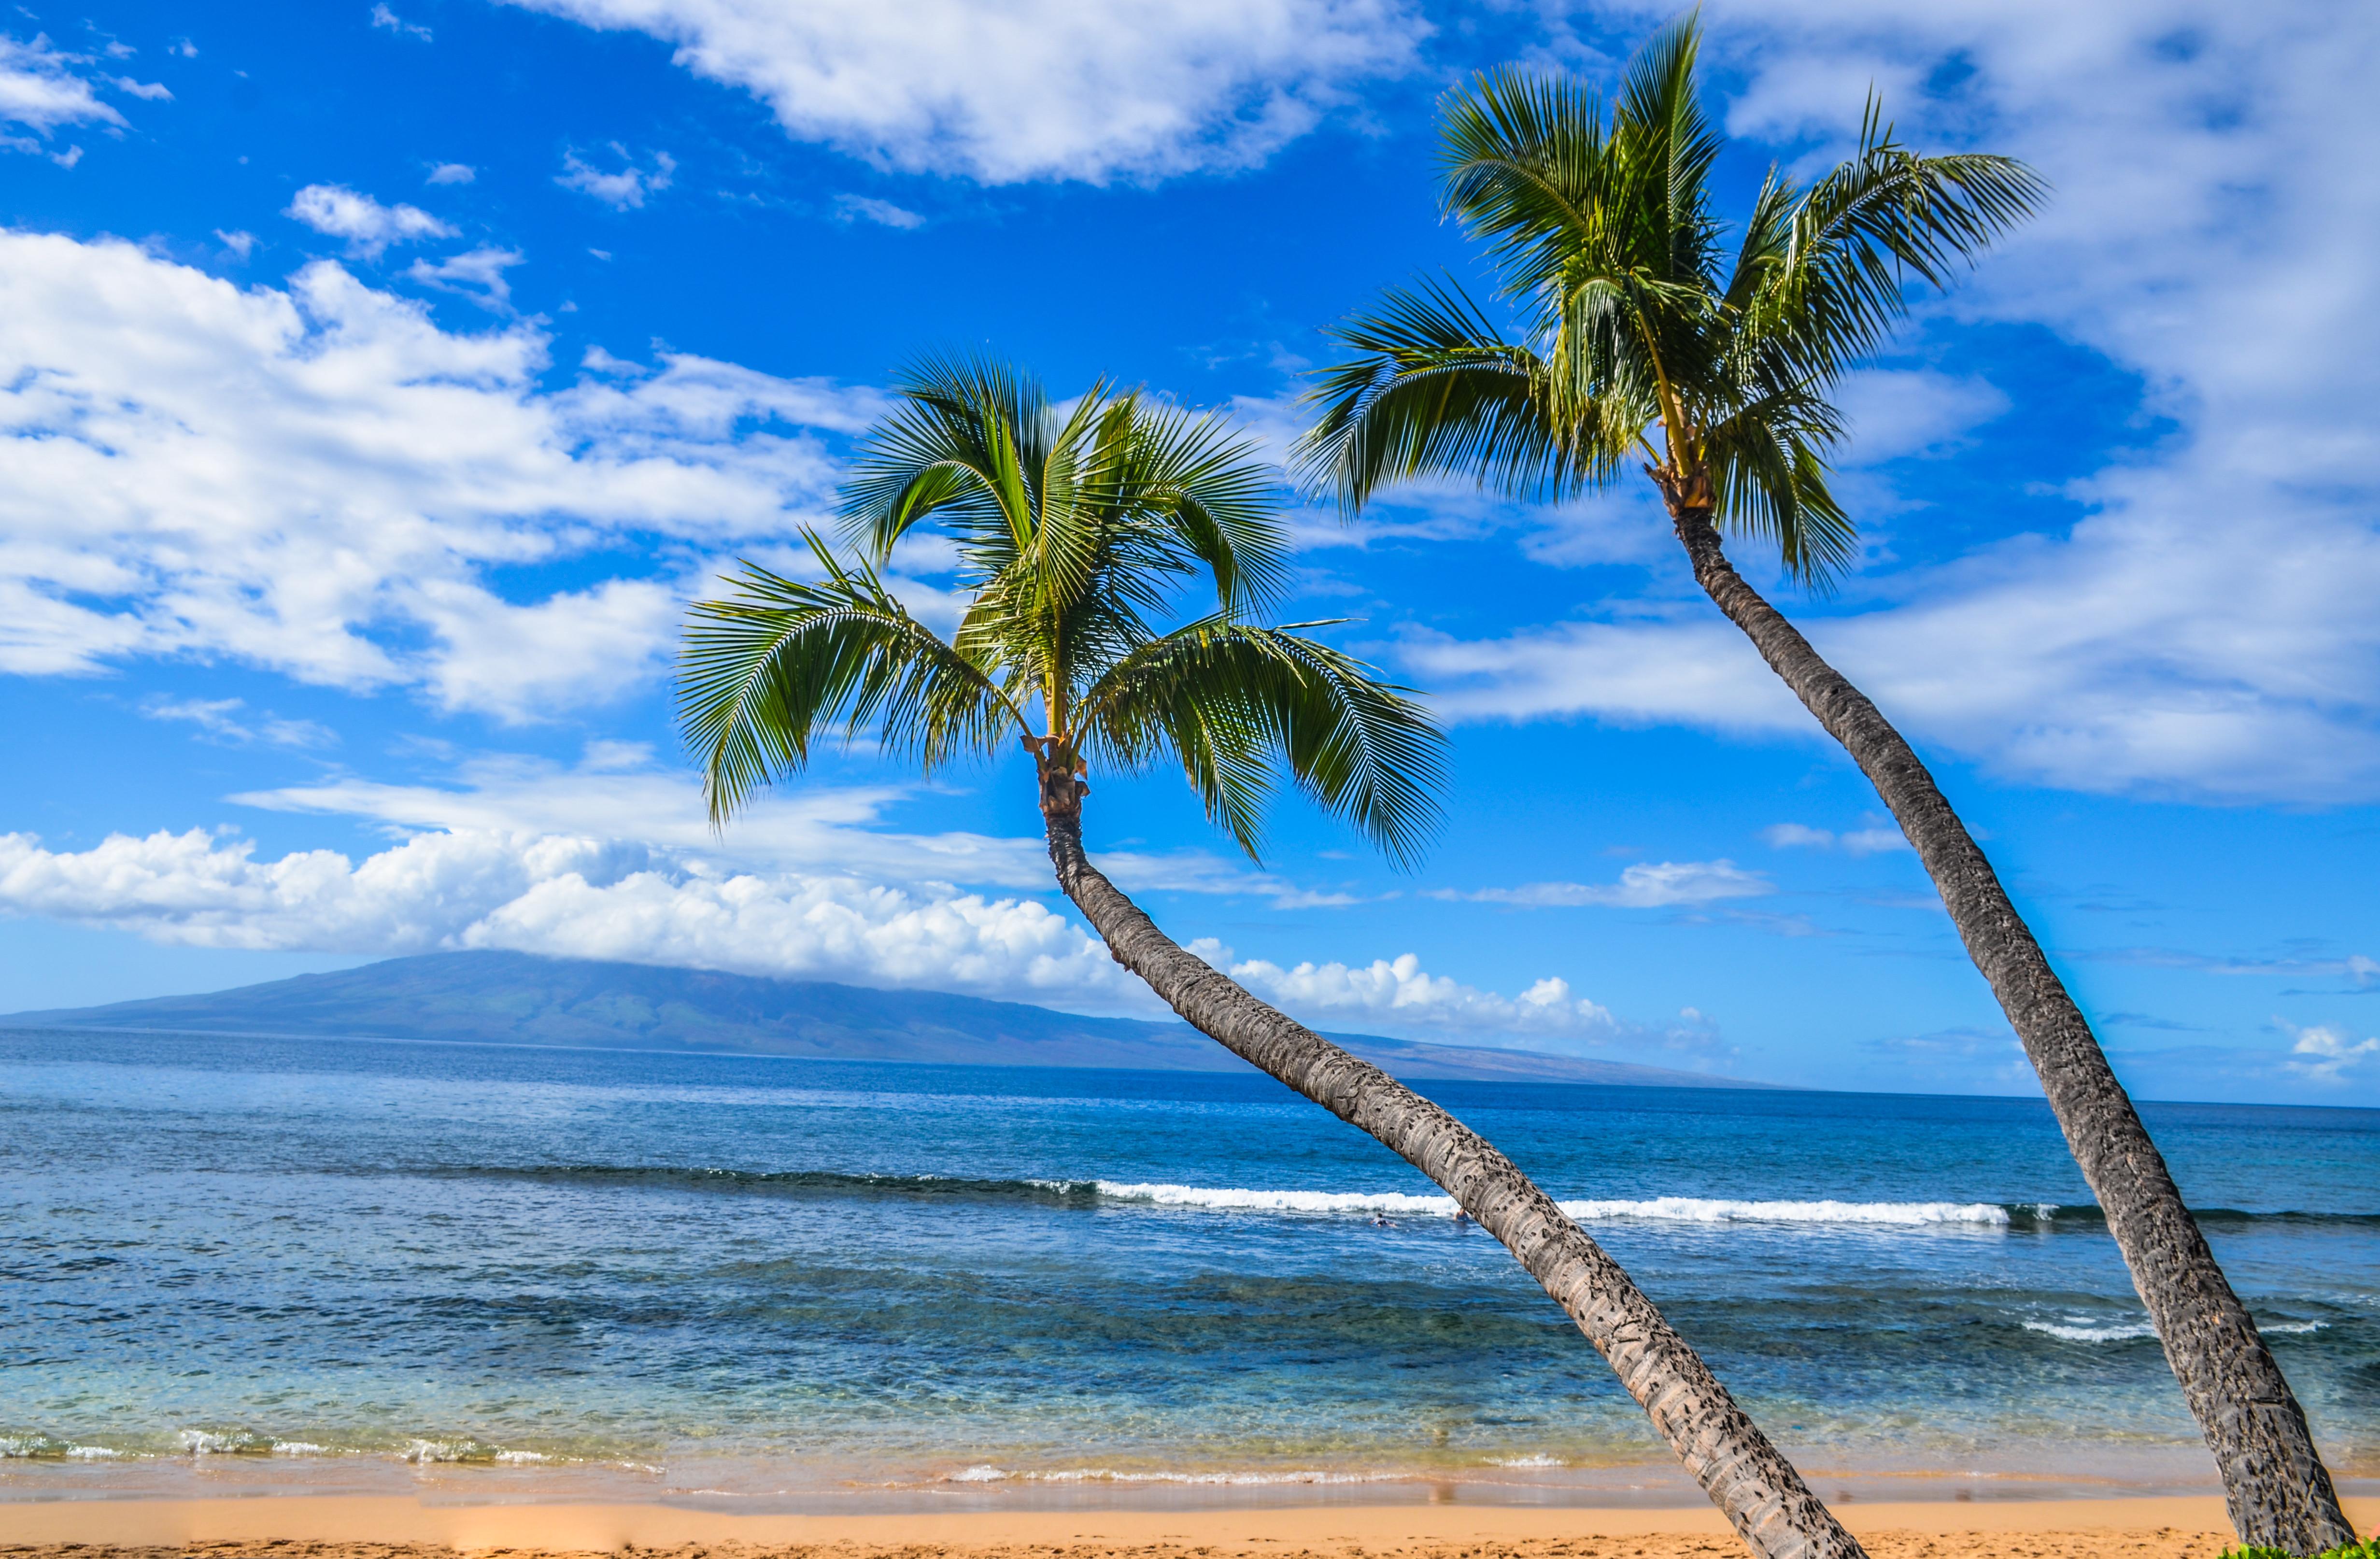 обои Kaanapali Beach, Maui, Hawaii, море картинки фото